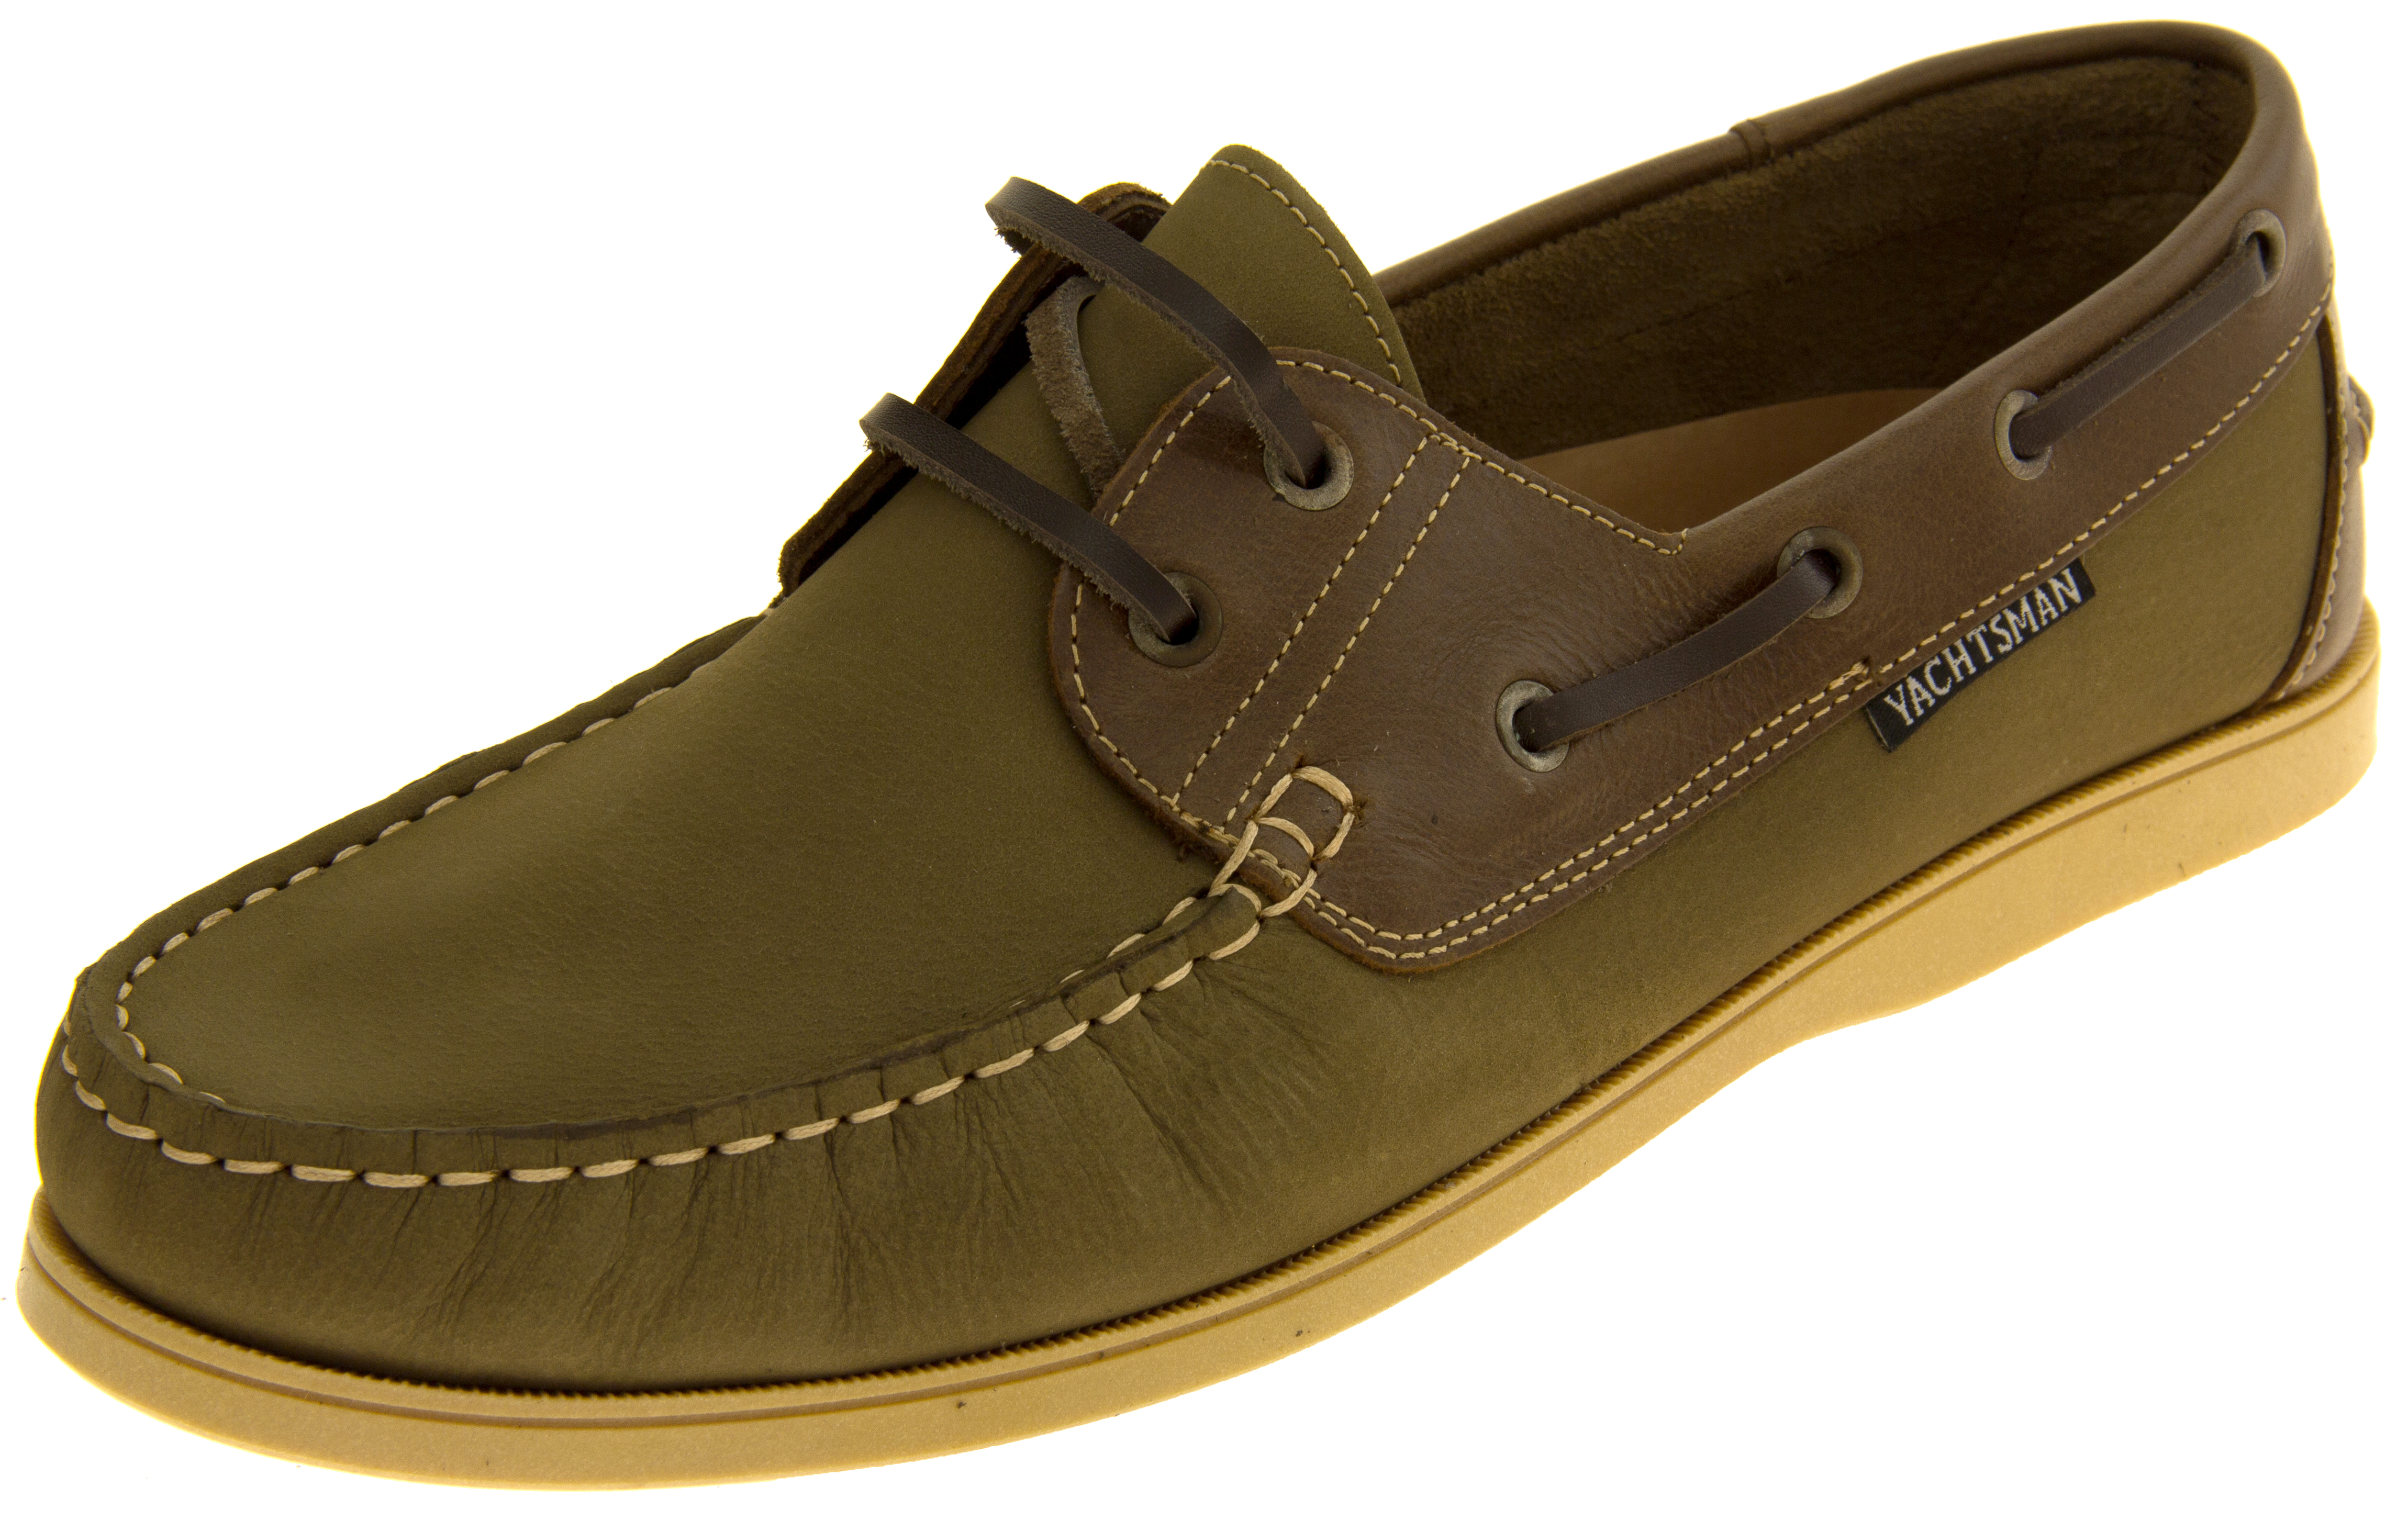 herren halbschuhe herren halbschuhe mens yachtsman leather deck boat shoes 2 colours  herren halbschuhe mens yachtsman